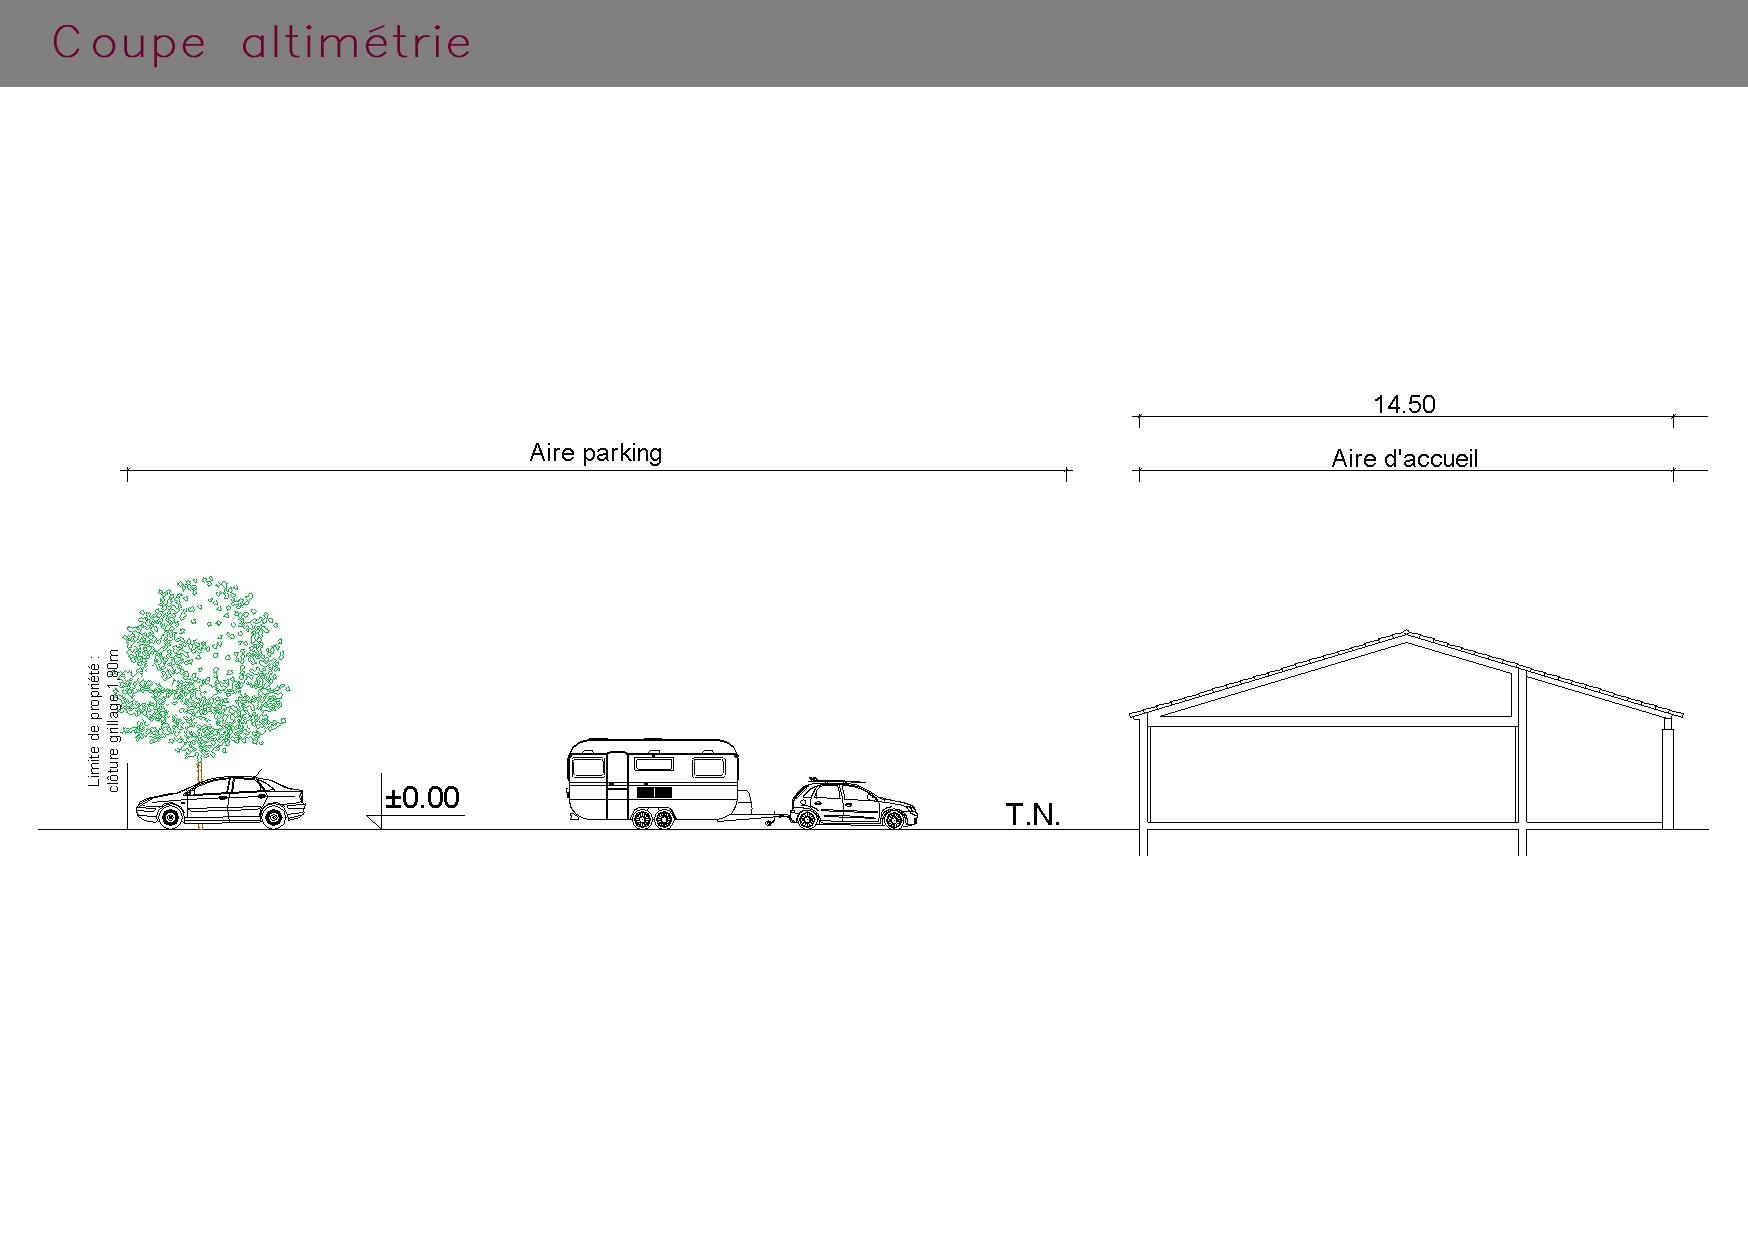 Aire d'accueil et parking : coupe altimétrie